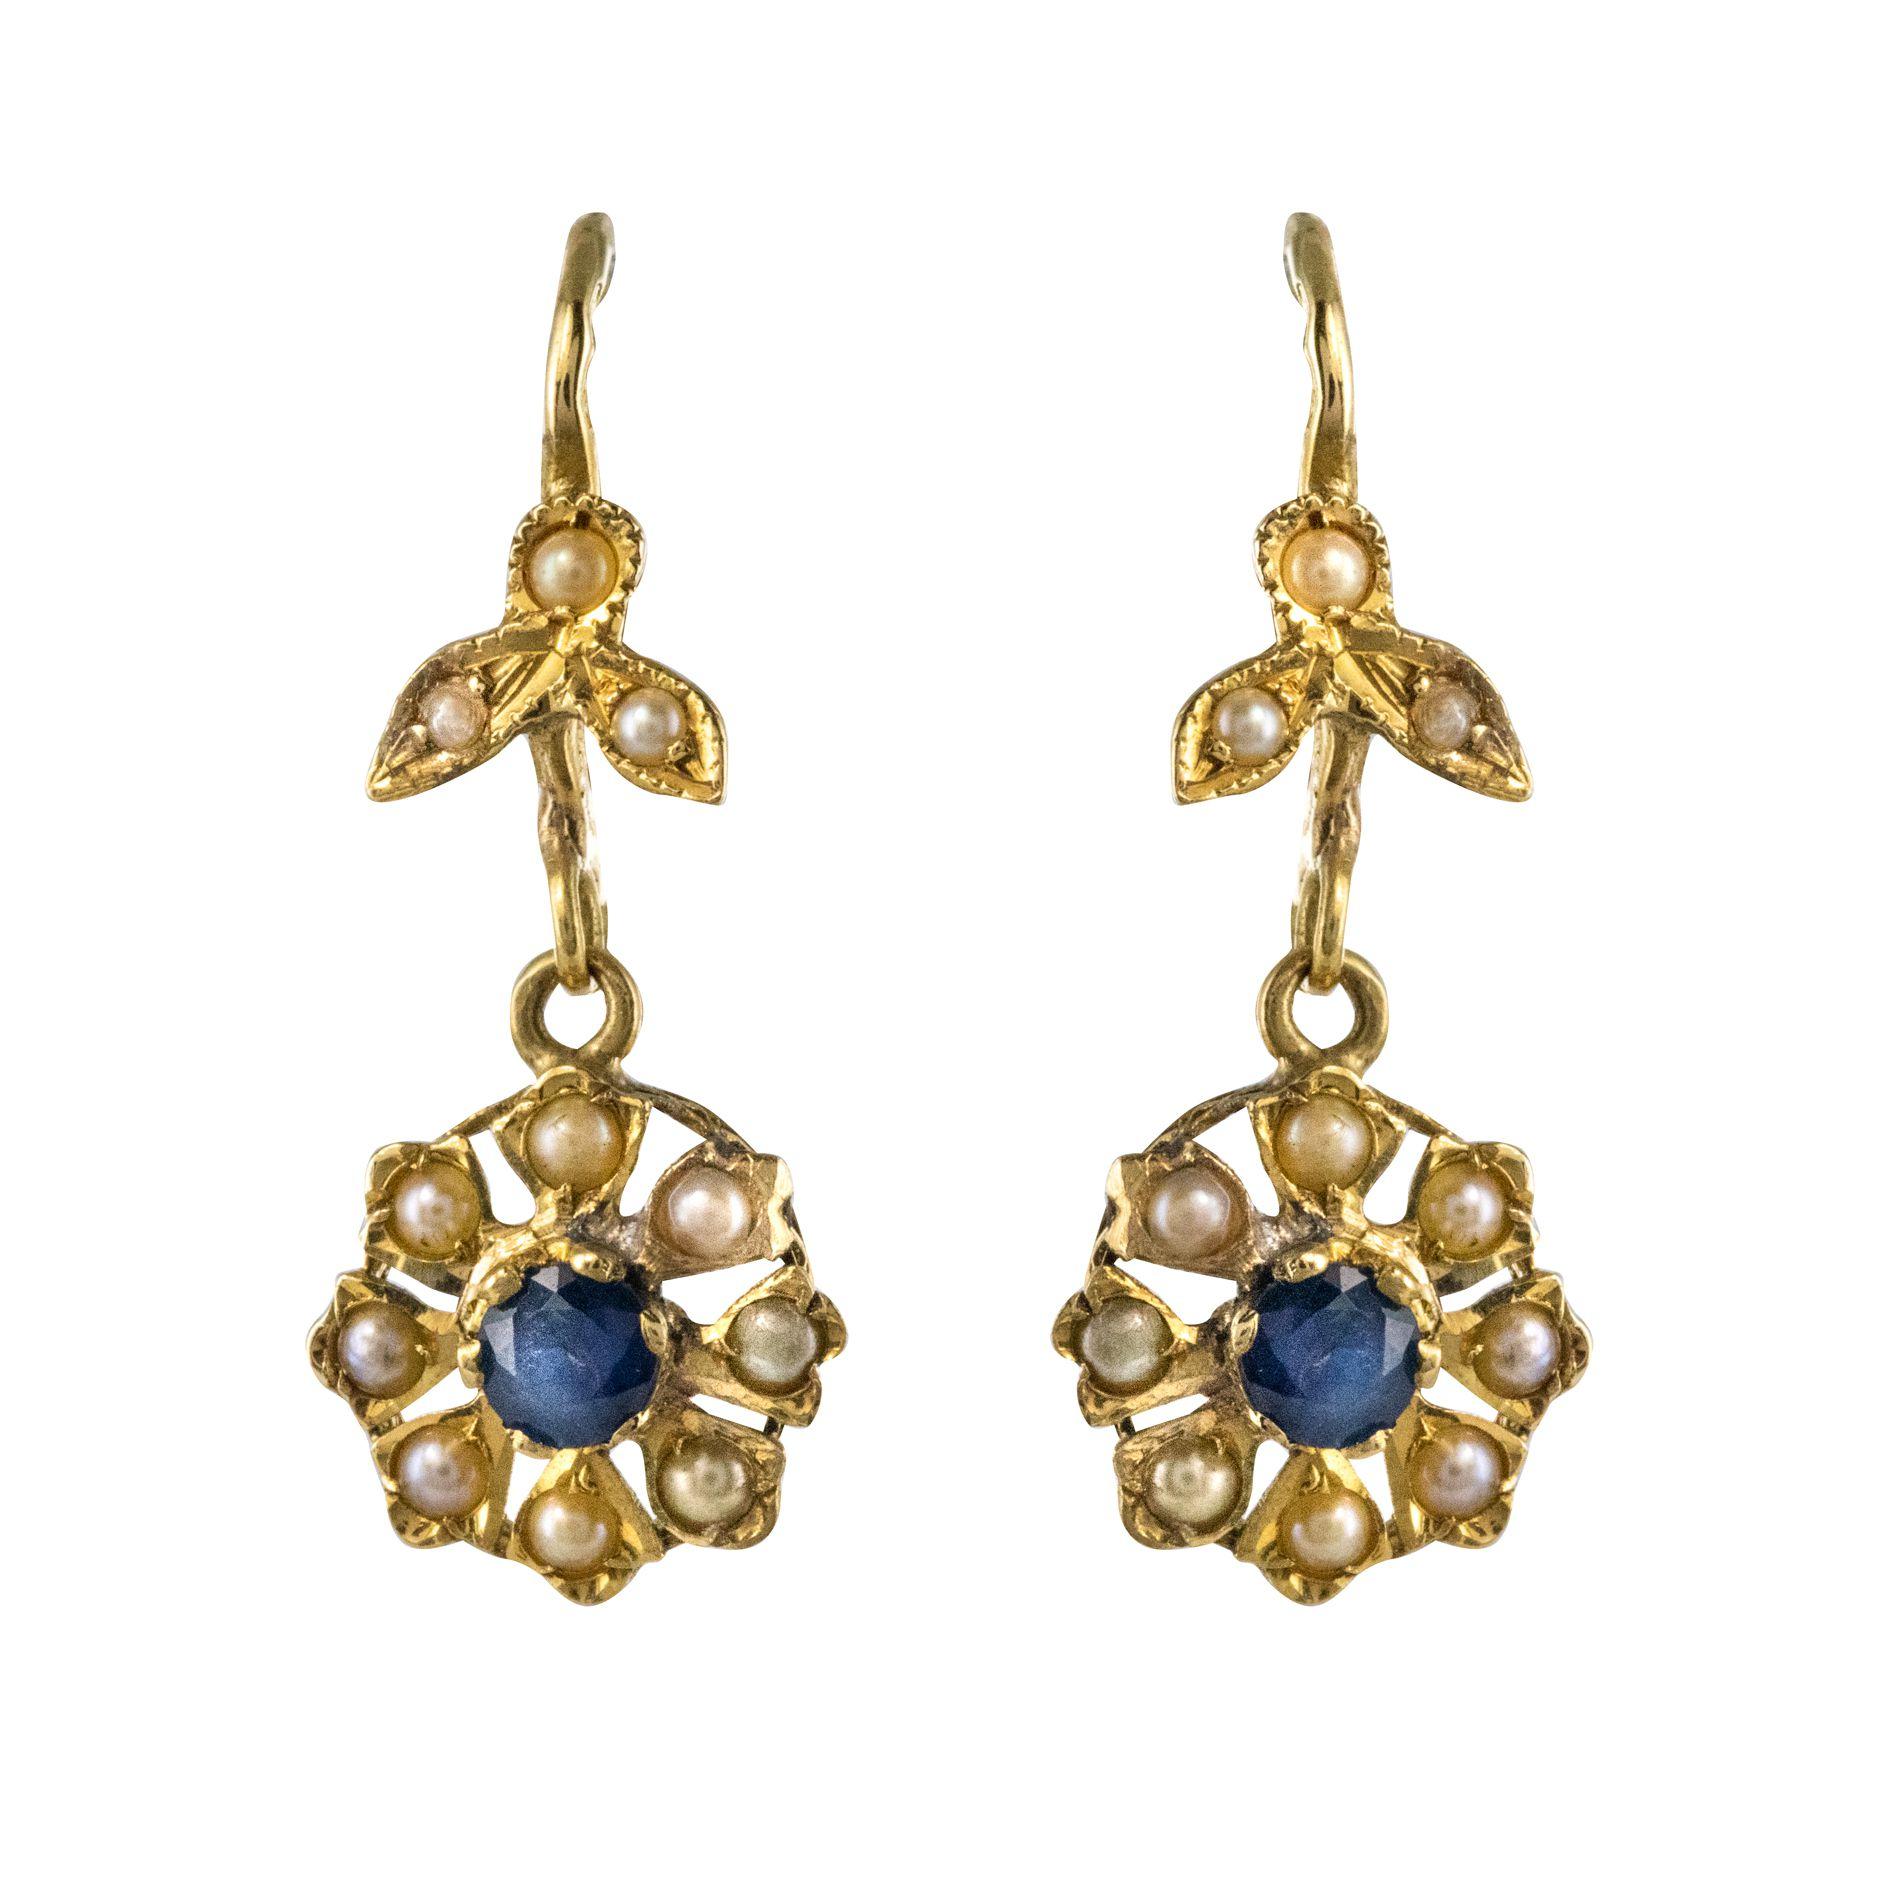 Boucles d'oreilles anciennes saphirs perles fines